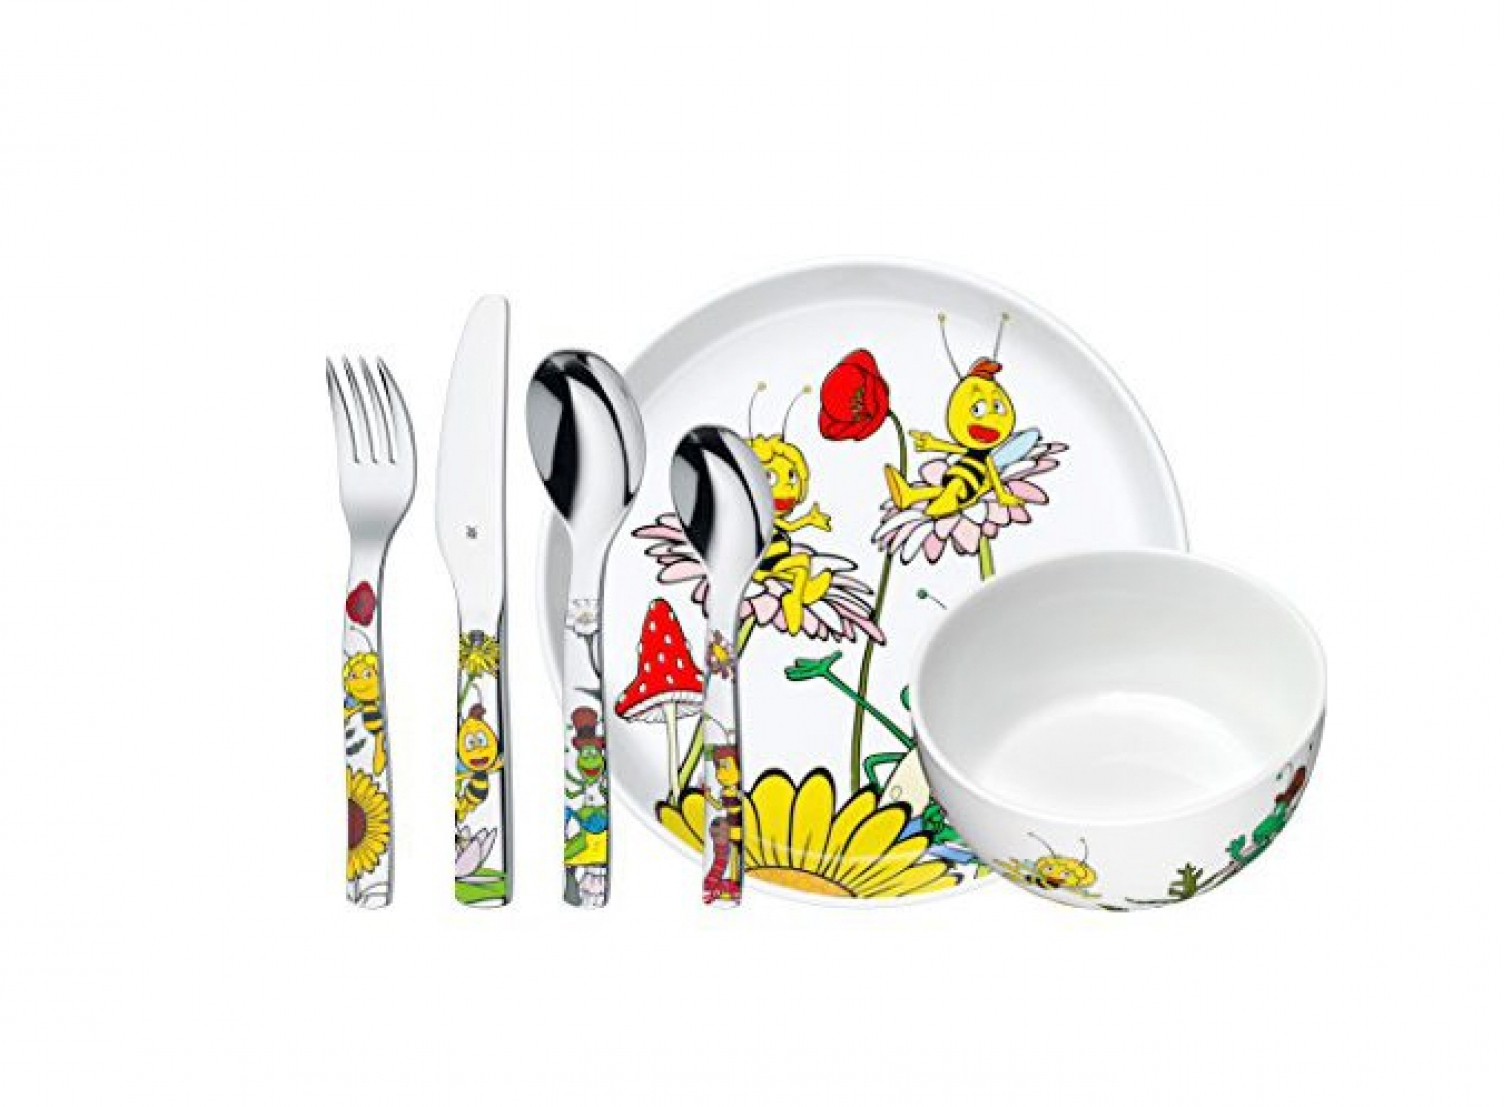 Онлайн каталог PROMENU: Набор столовый детский WMF Biene Maja, 6 предметов WMF 12 9440 9964